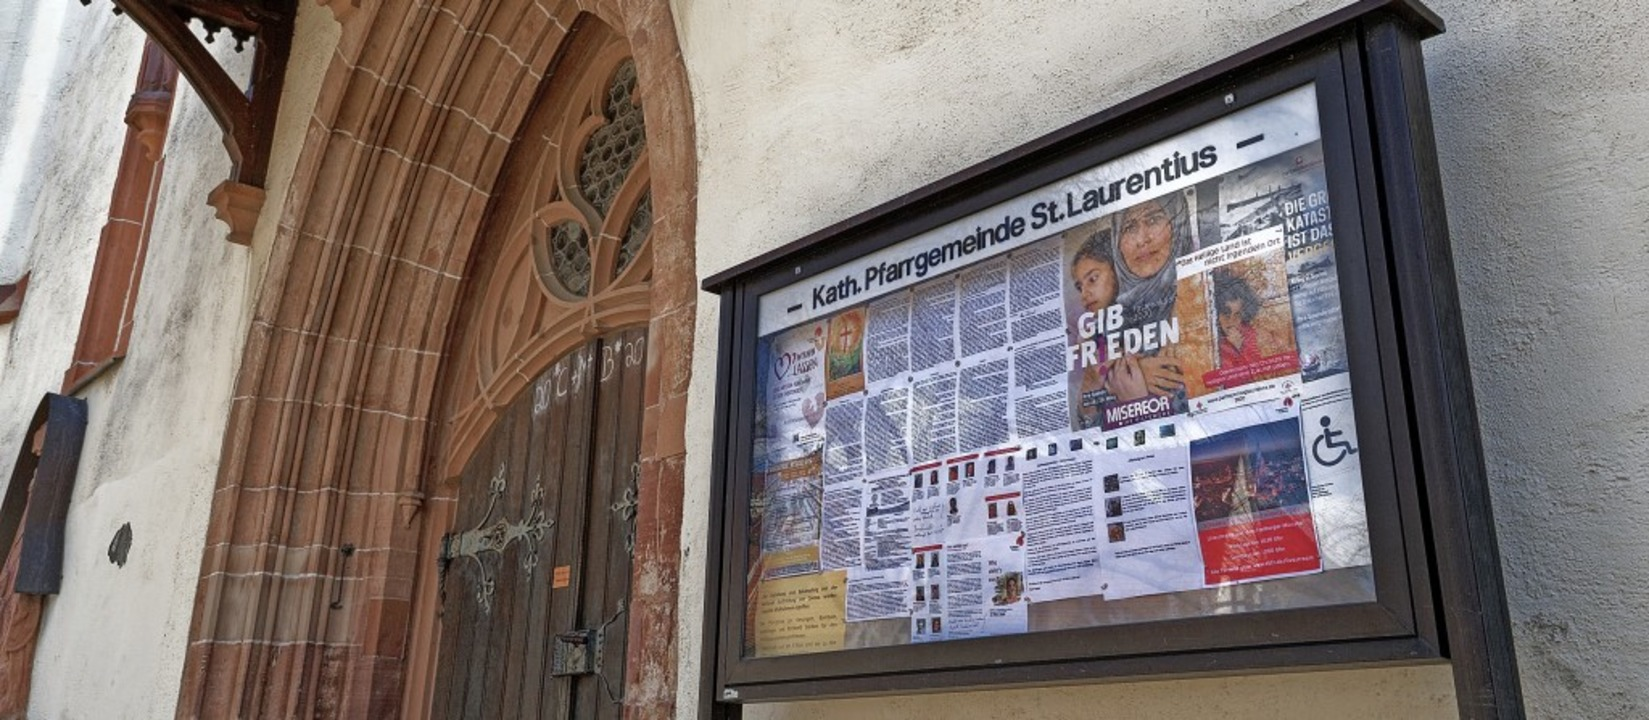 Der Aushang am Portal der Stadtkirche ...nende laufende Pfarrgemeinderatswahl.   | Foto: Martin Wendel